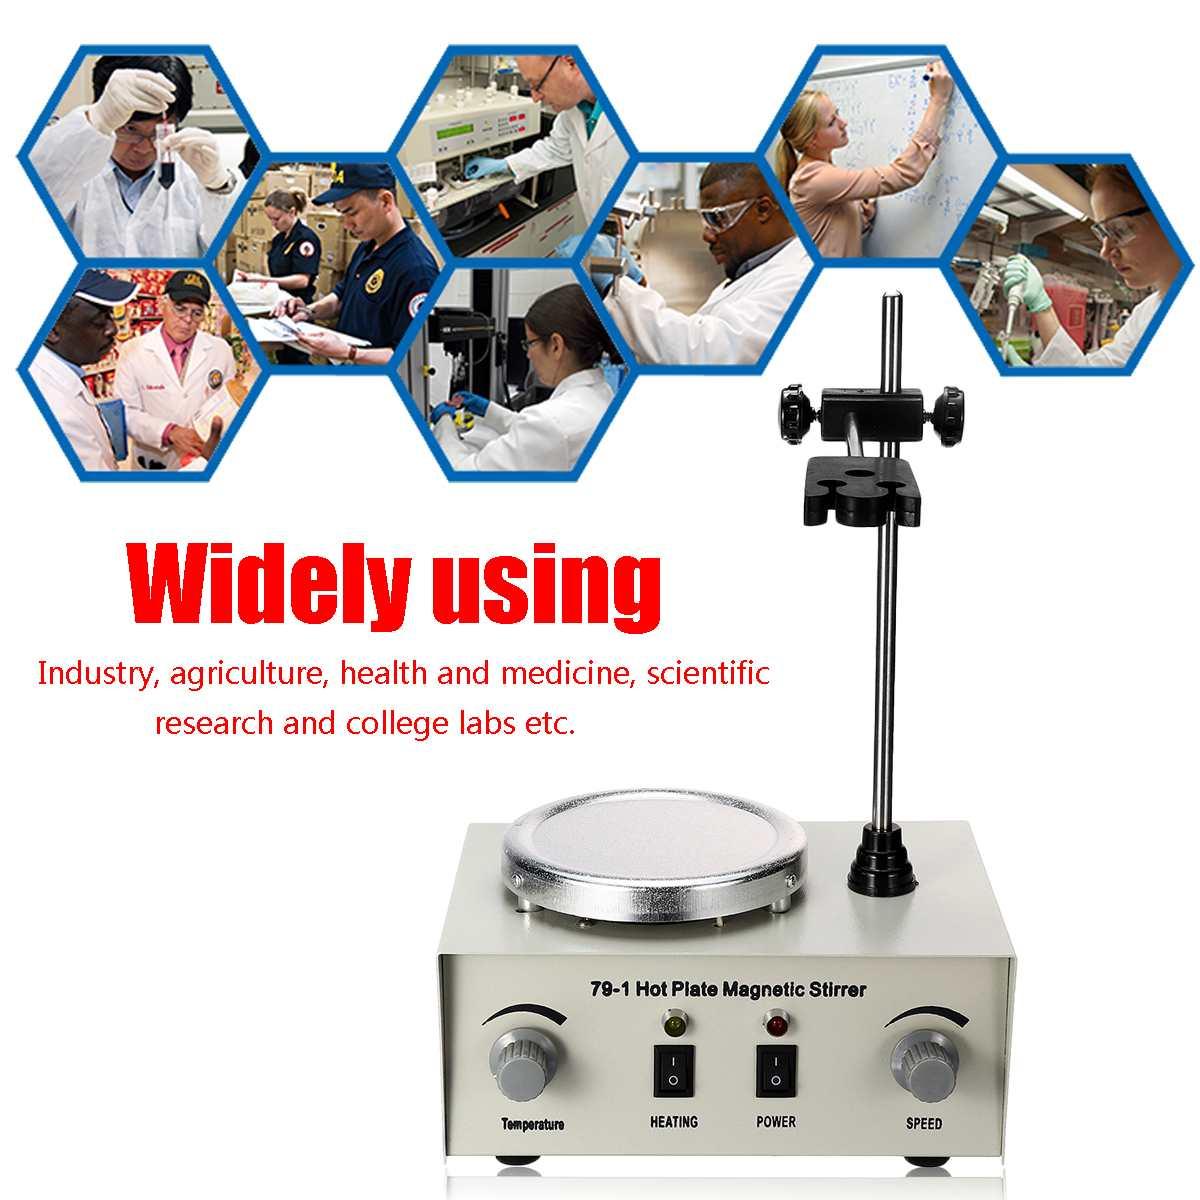 Piastra calda Agitatore Magnetico Laboratorio Riscaldamento 79-1 110/220 V 250 W 1000 ml Dual Mixer di Controllo US/AU/EU Nessun Rumore/Vibrazione Fusibili di Protezione